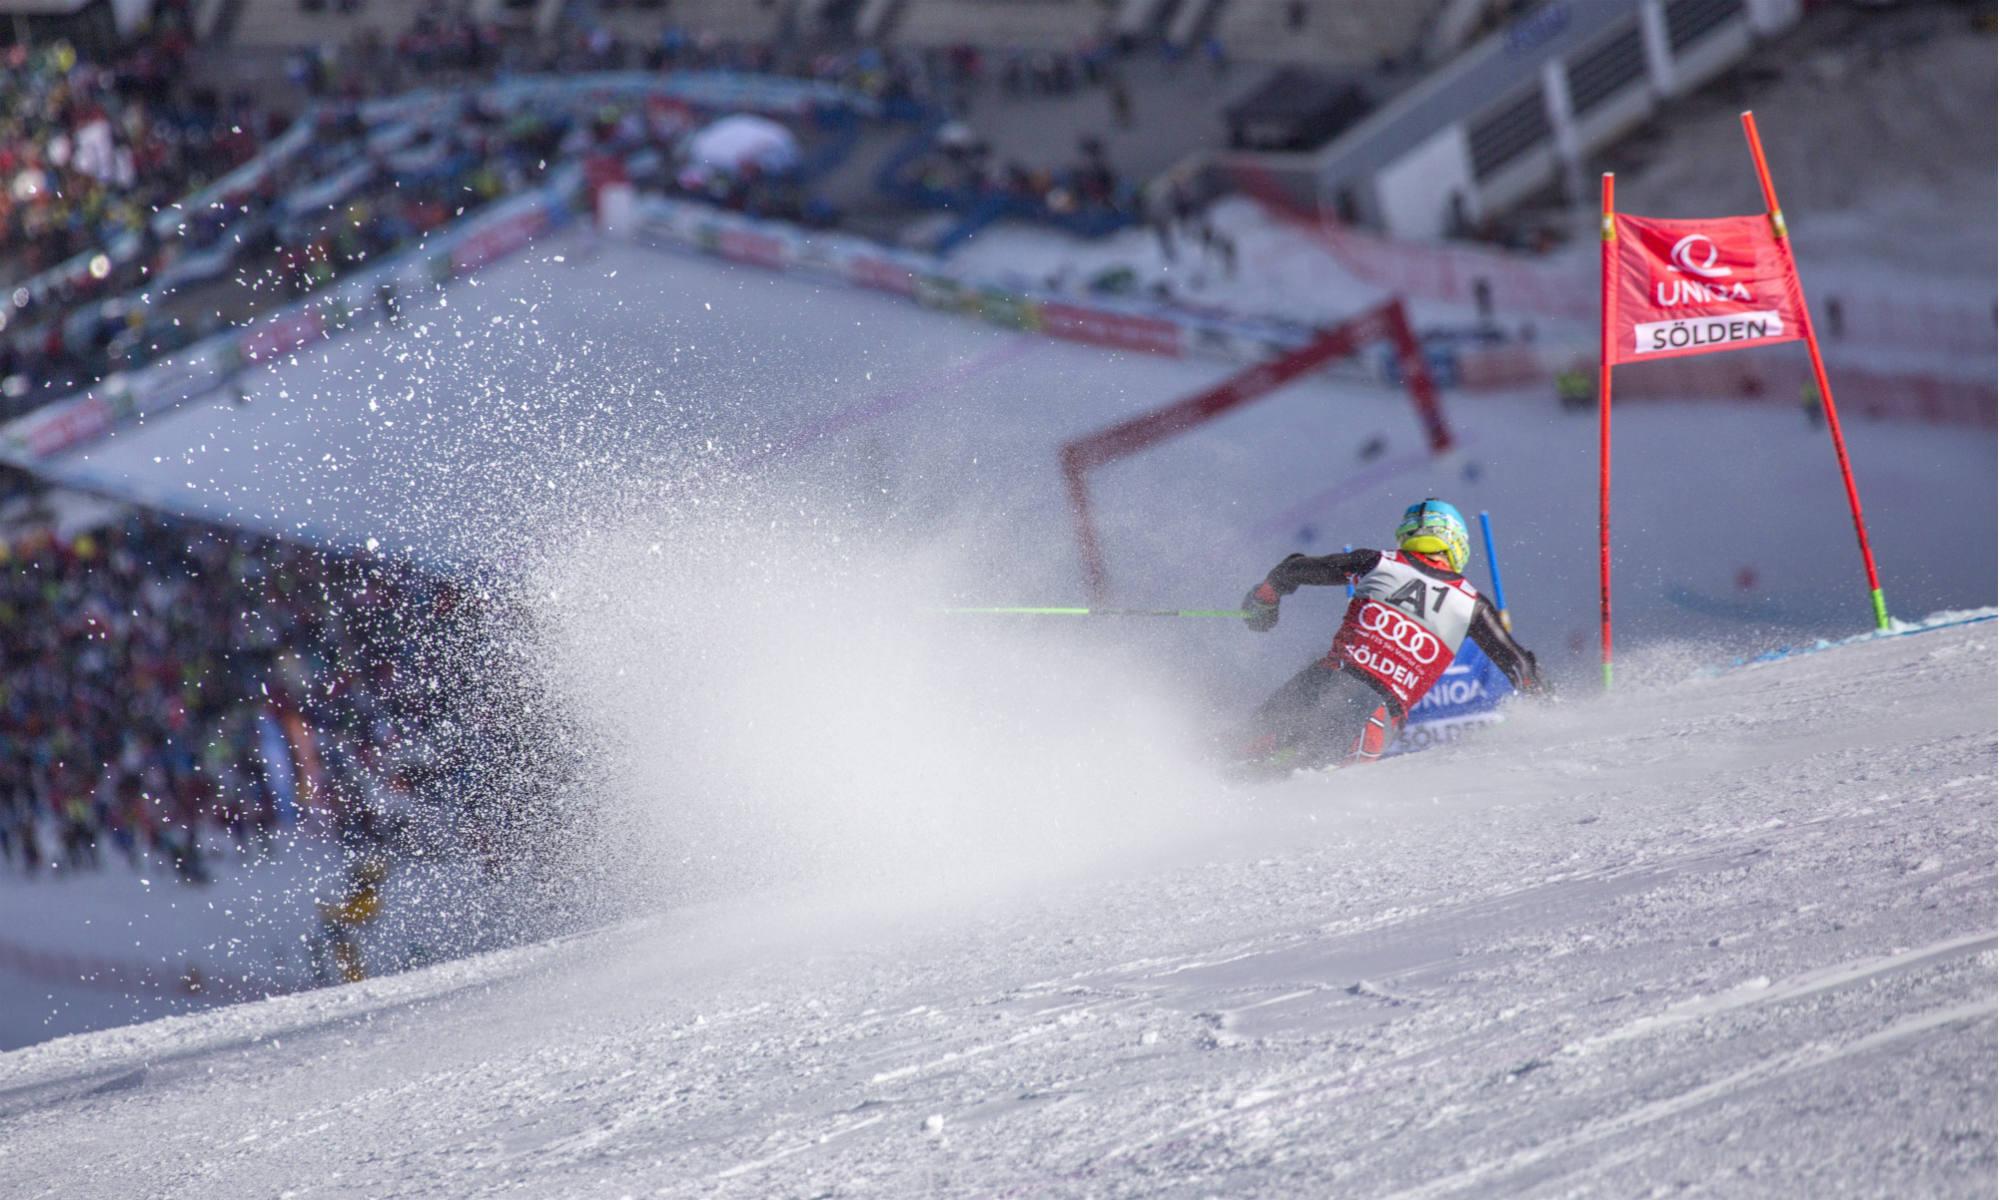 Ogni anno, l'ultimo fine settimana di ottobre, l'élite dello sci si riunisce a Sölden.